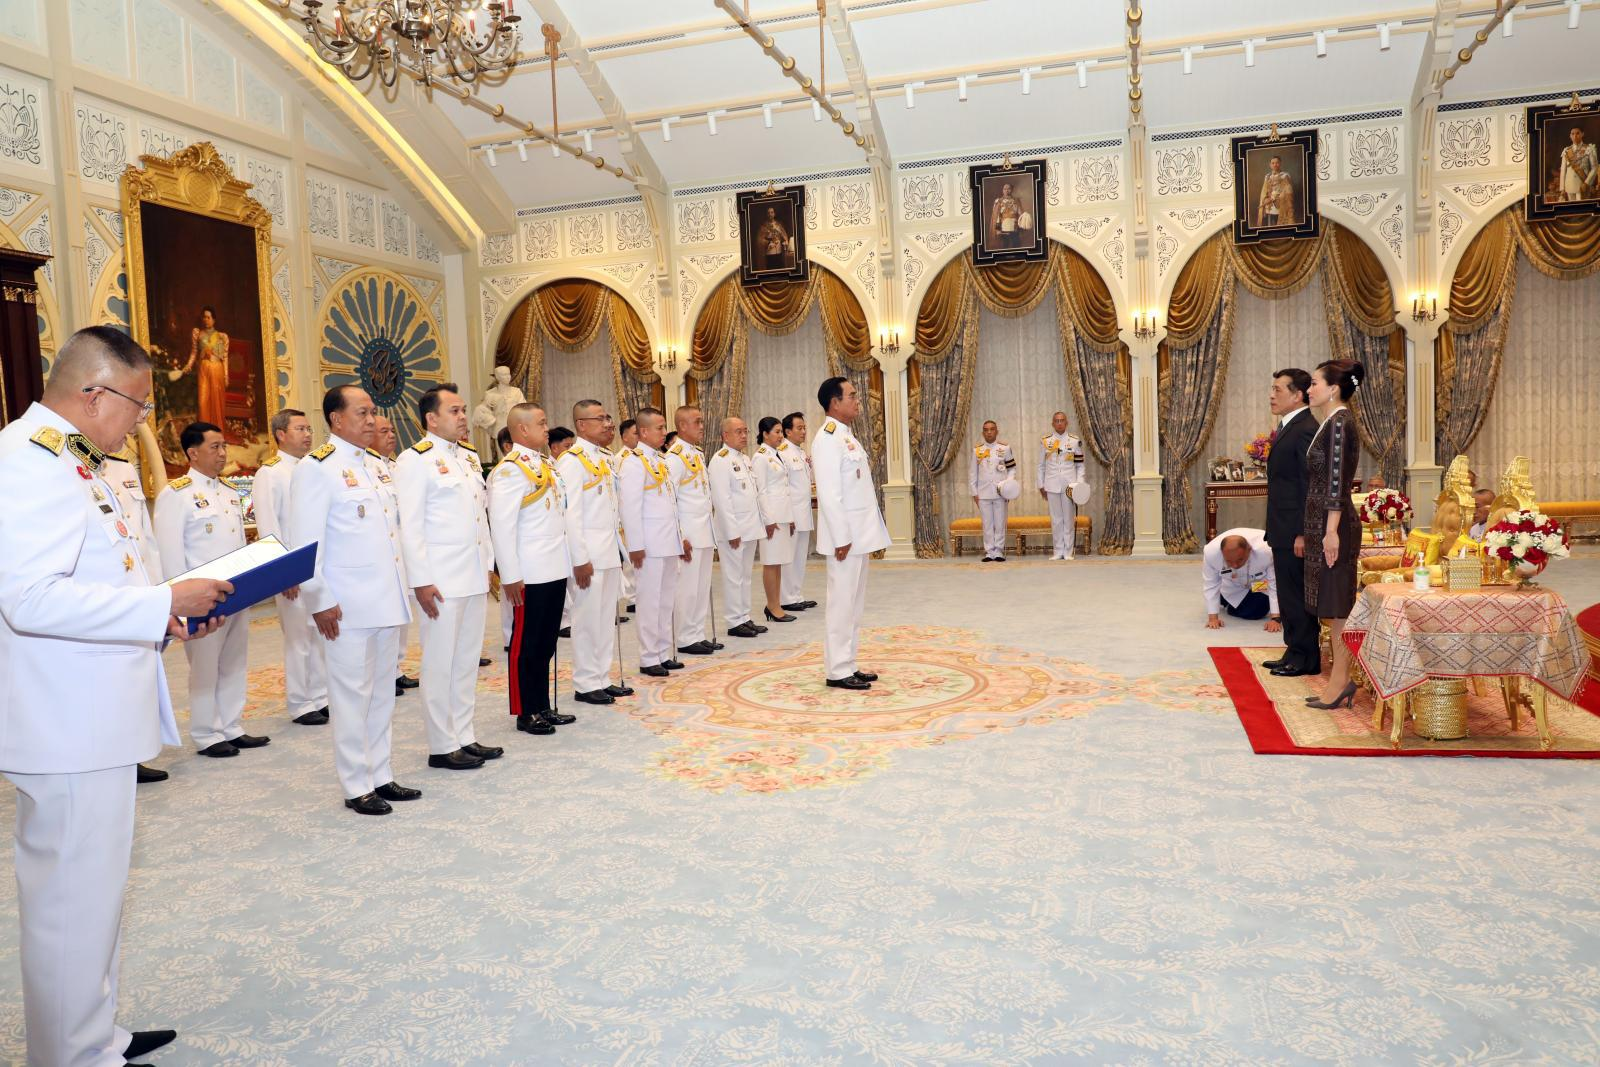 พระมหากรุณาธิคุณล้นพ้น  'ในหลวง - พระราชินี' พระราชทานโฉนดที่ดินฯ กว่า 2,400 ไร่ ให้  9 หน่วยงาน